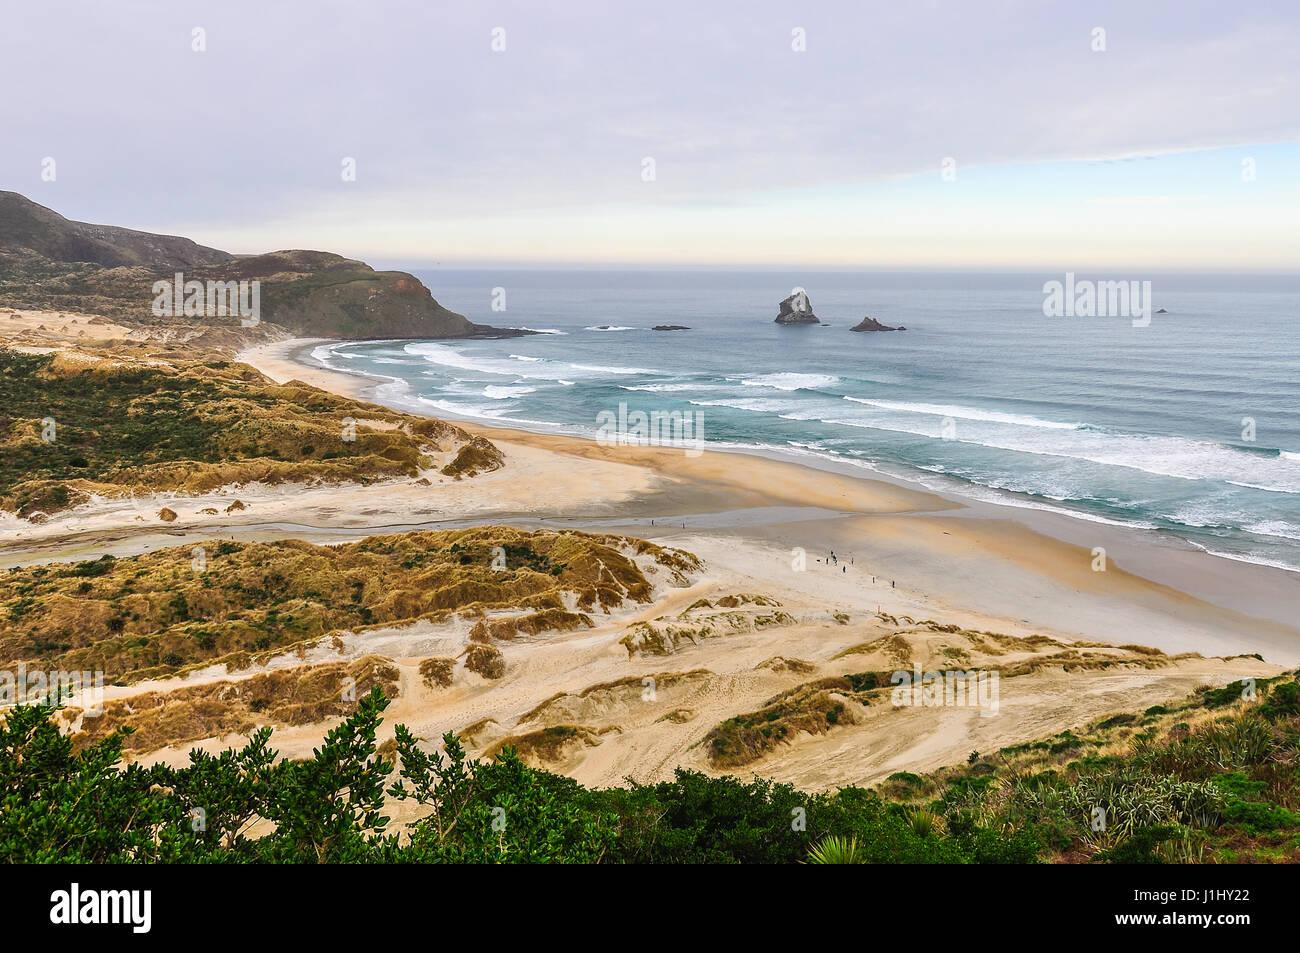 Vista de la playa casi vacía en el flebótomo Bay en la península de Otago, Nueva Zelanda Foto de stock